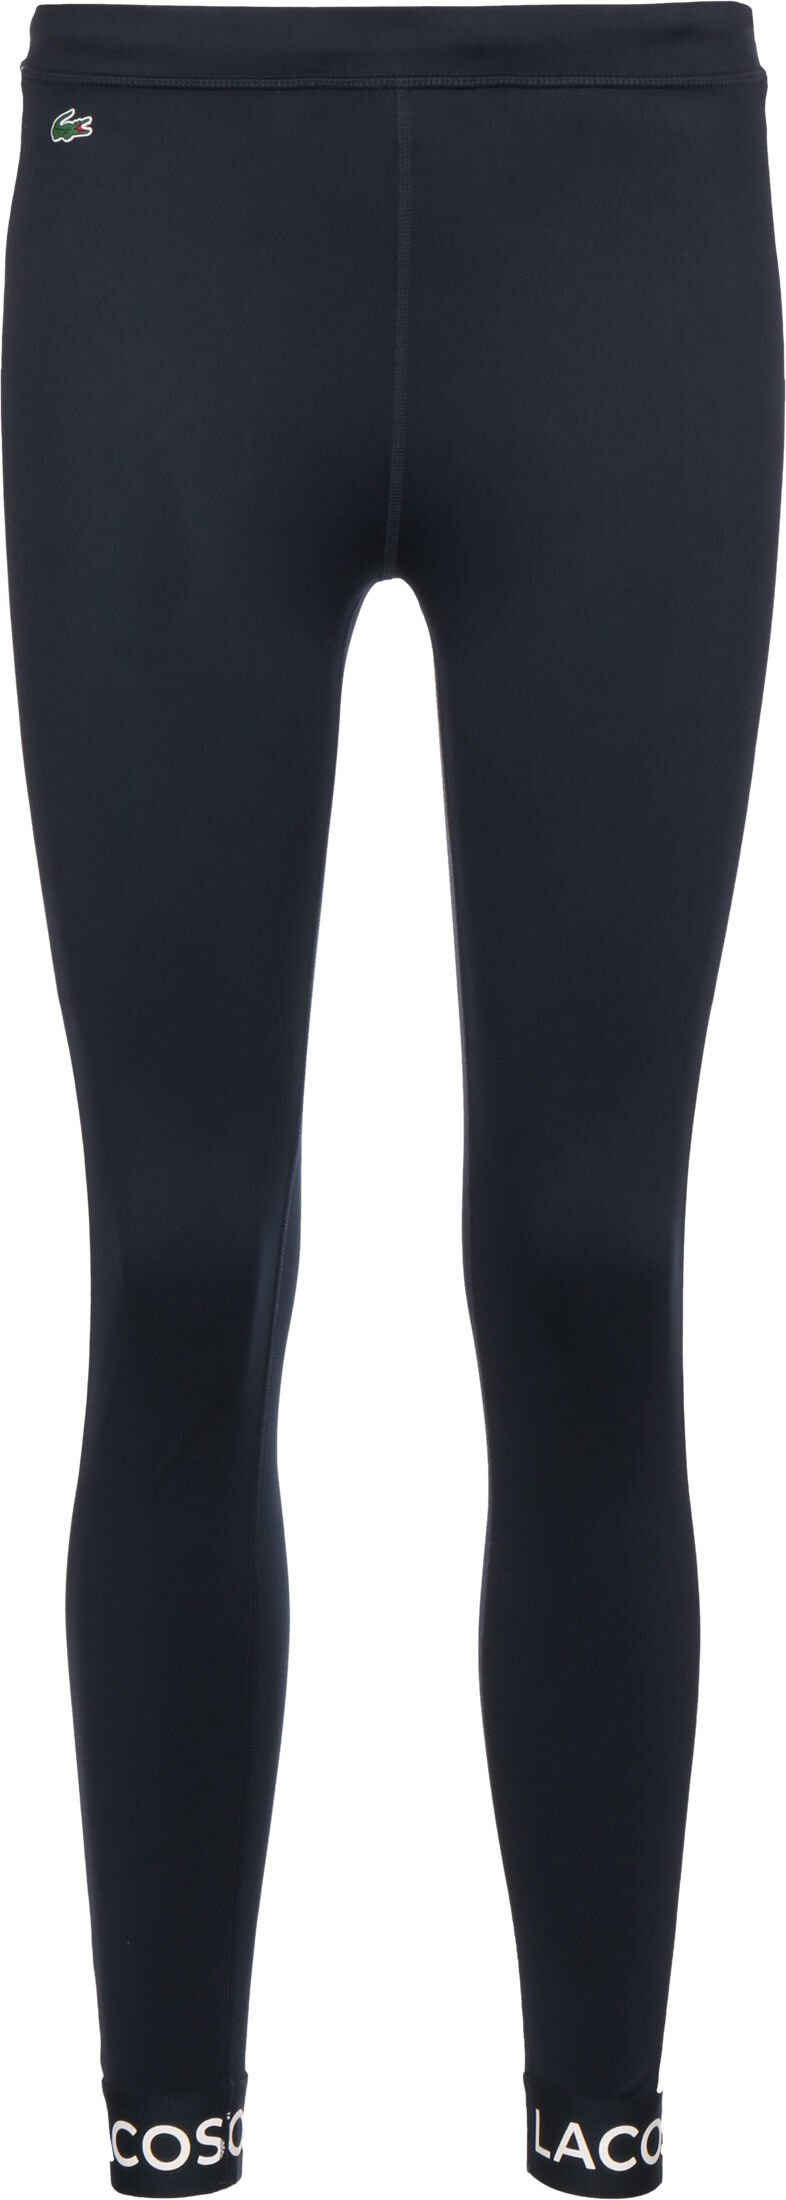 Lacoste Leggings »Sportswear«